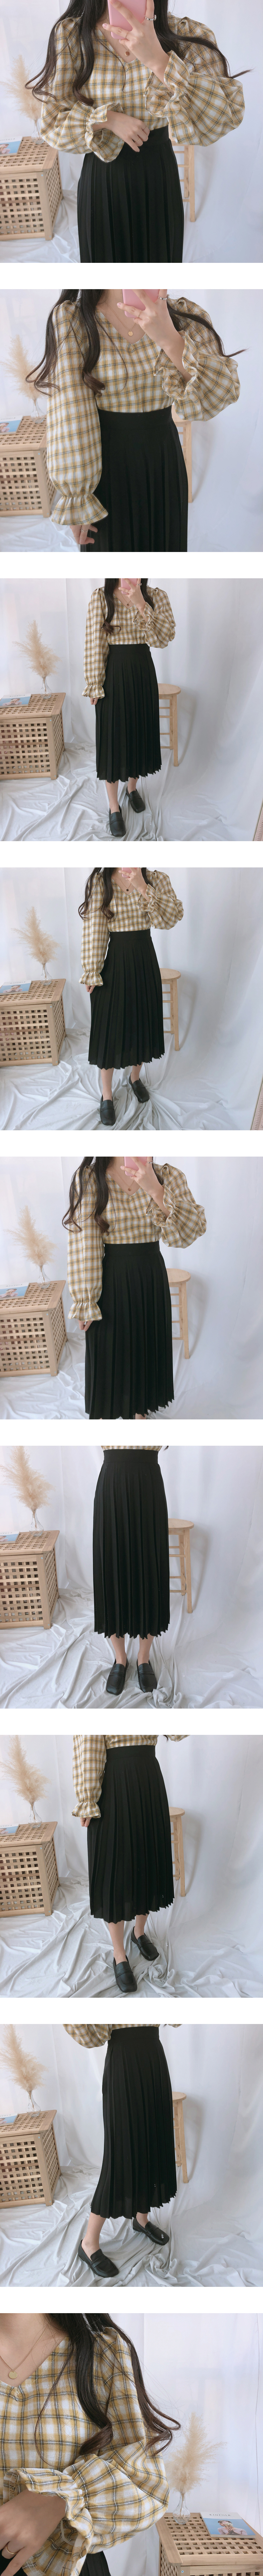 Shower pleated long skirt